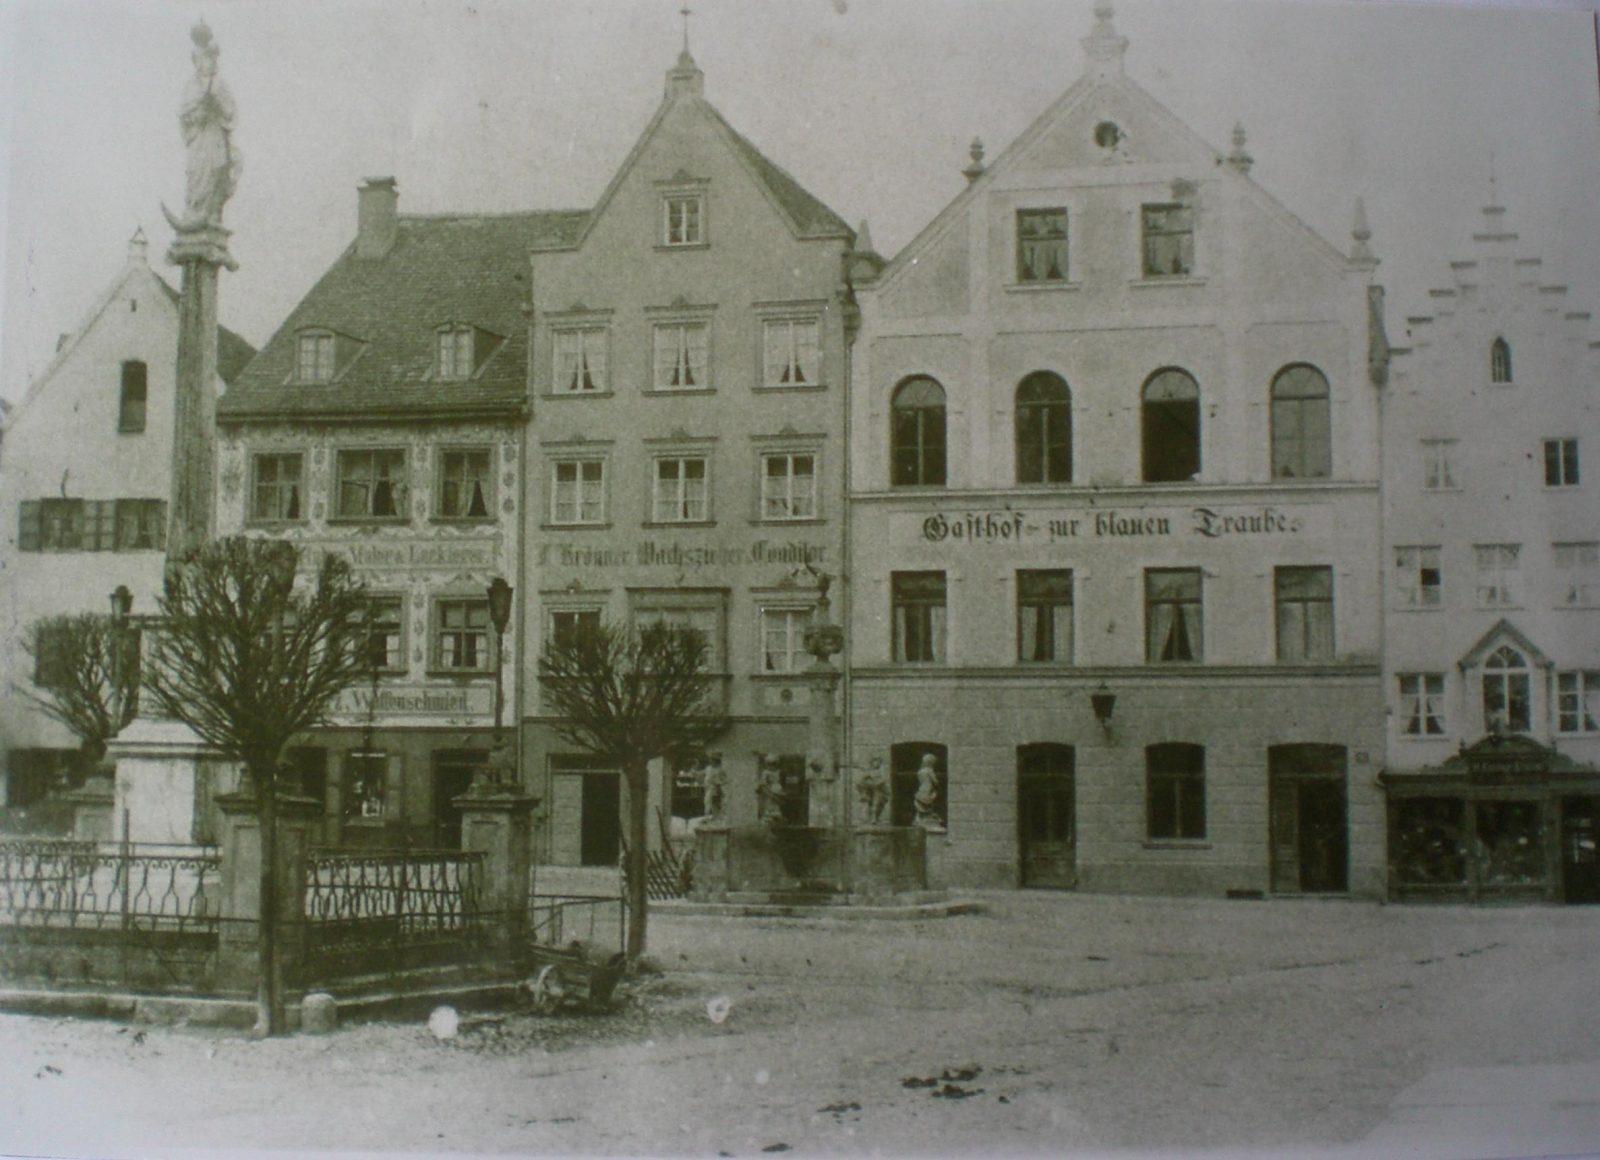 1847-Vereinsgruendung-Gasthof-6-1